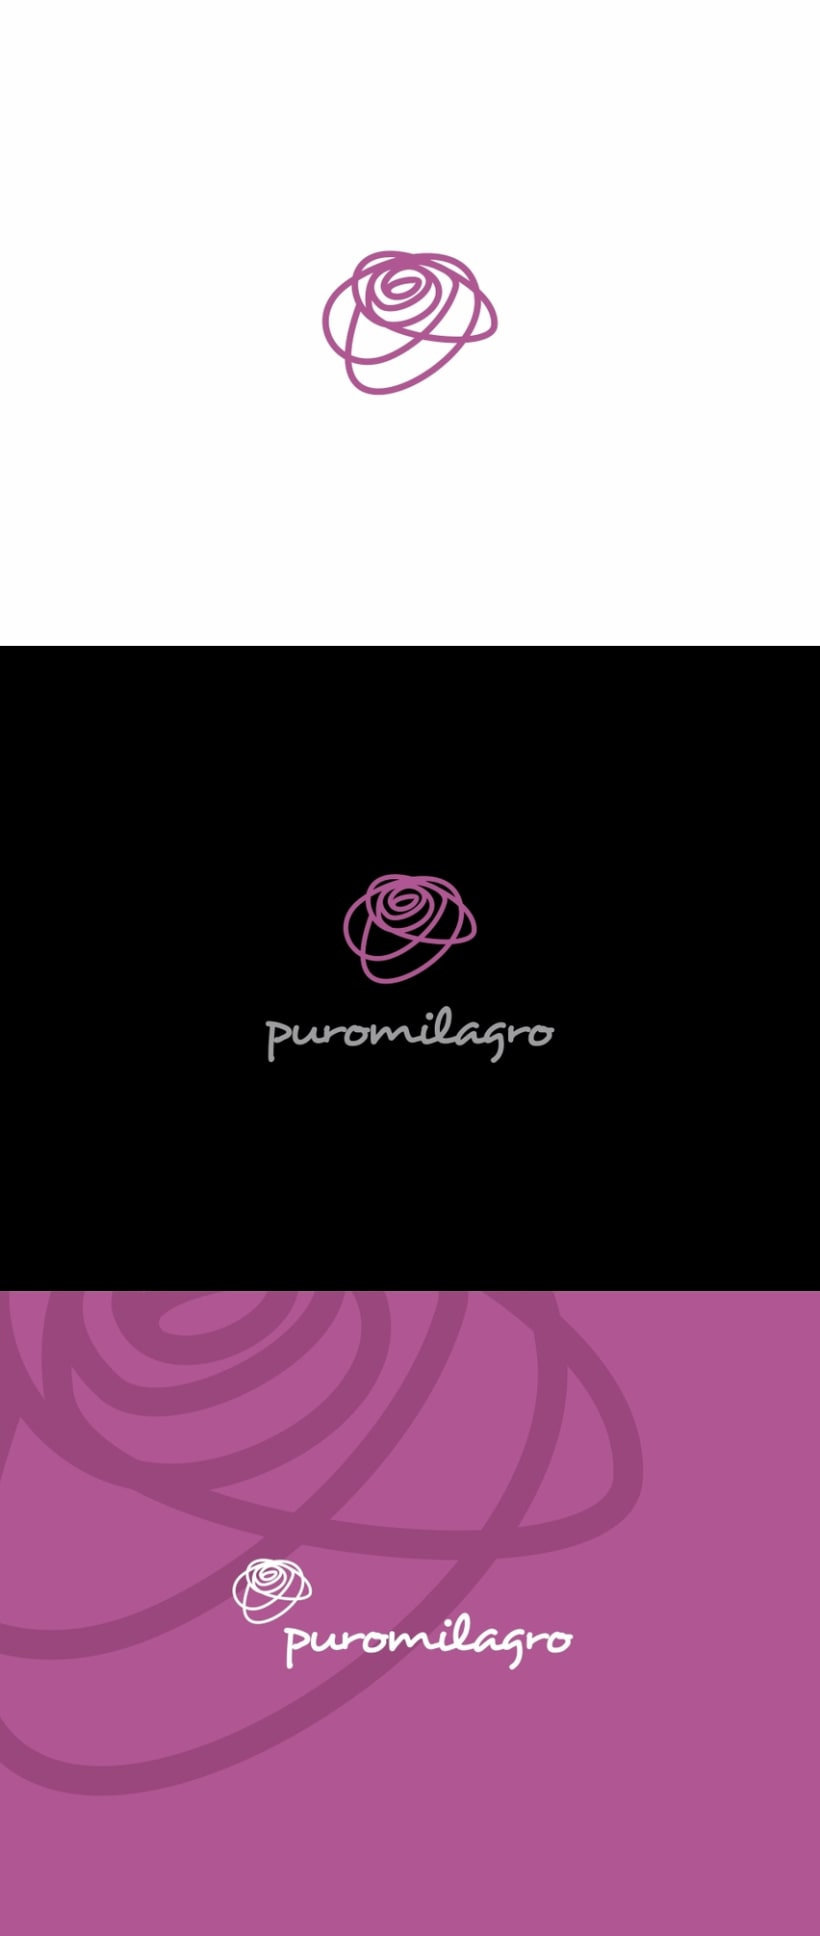 Puromilagro | Identidad 0